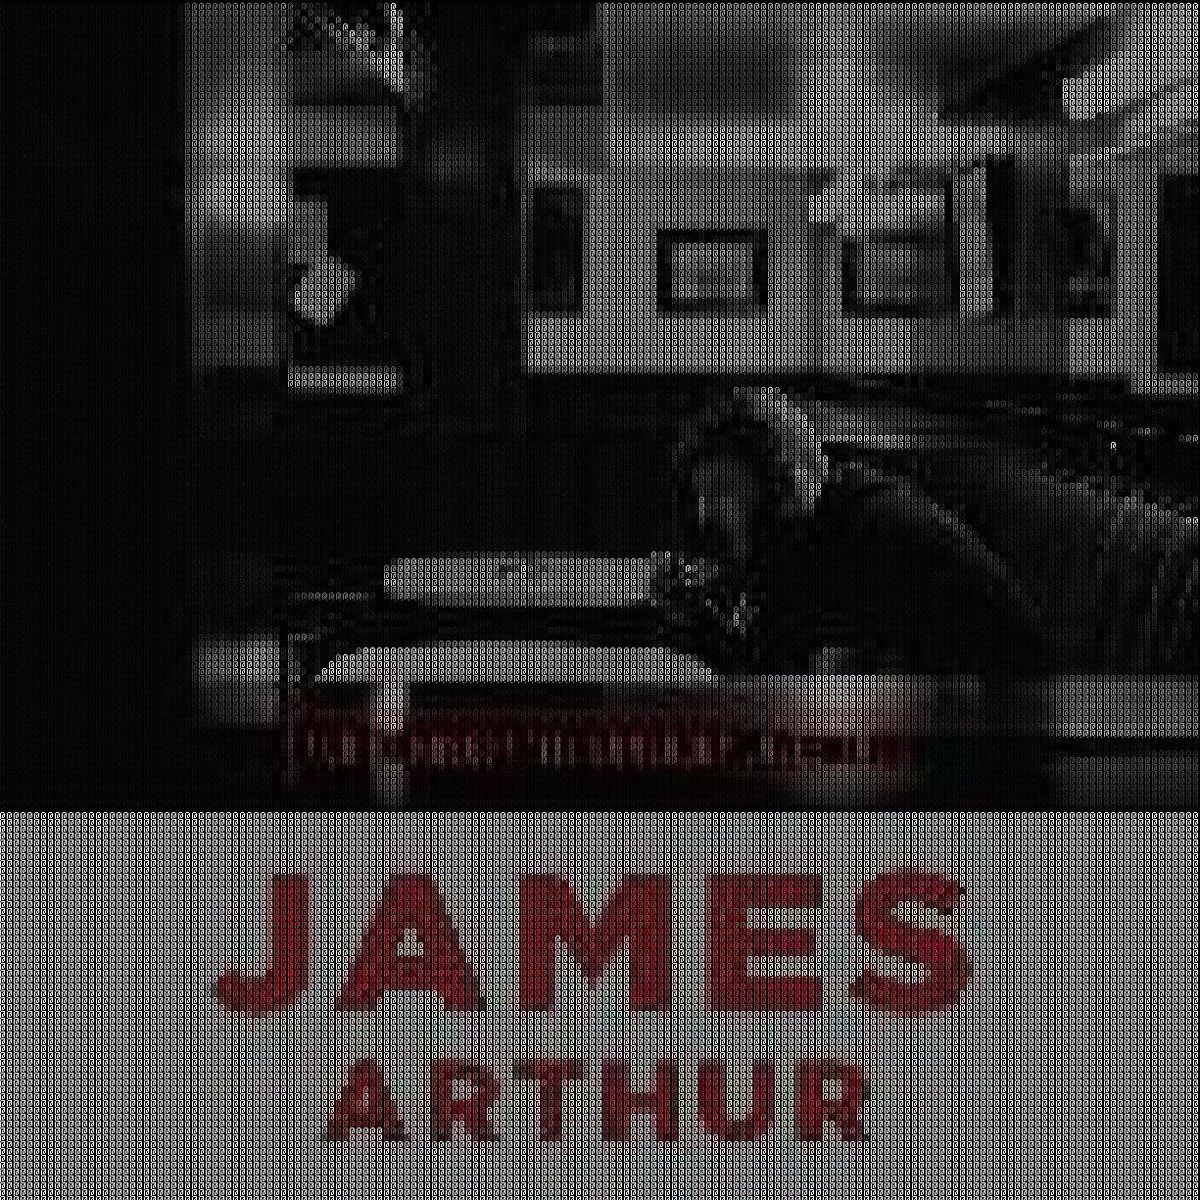 Music Lyrics On Twitter James Arthur You Re Nobody Til Somebody Loves You 2013 Jamesar Https T Co 8eikr5lruh Video Music Itunes You're nobody 'til somebody loves you lyrics. twitter